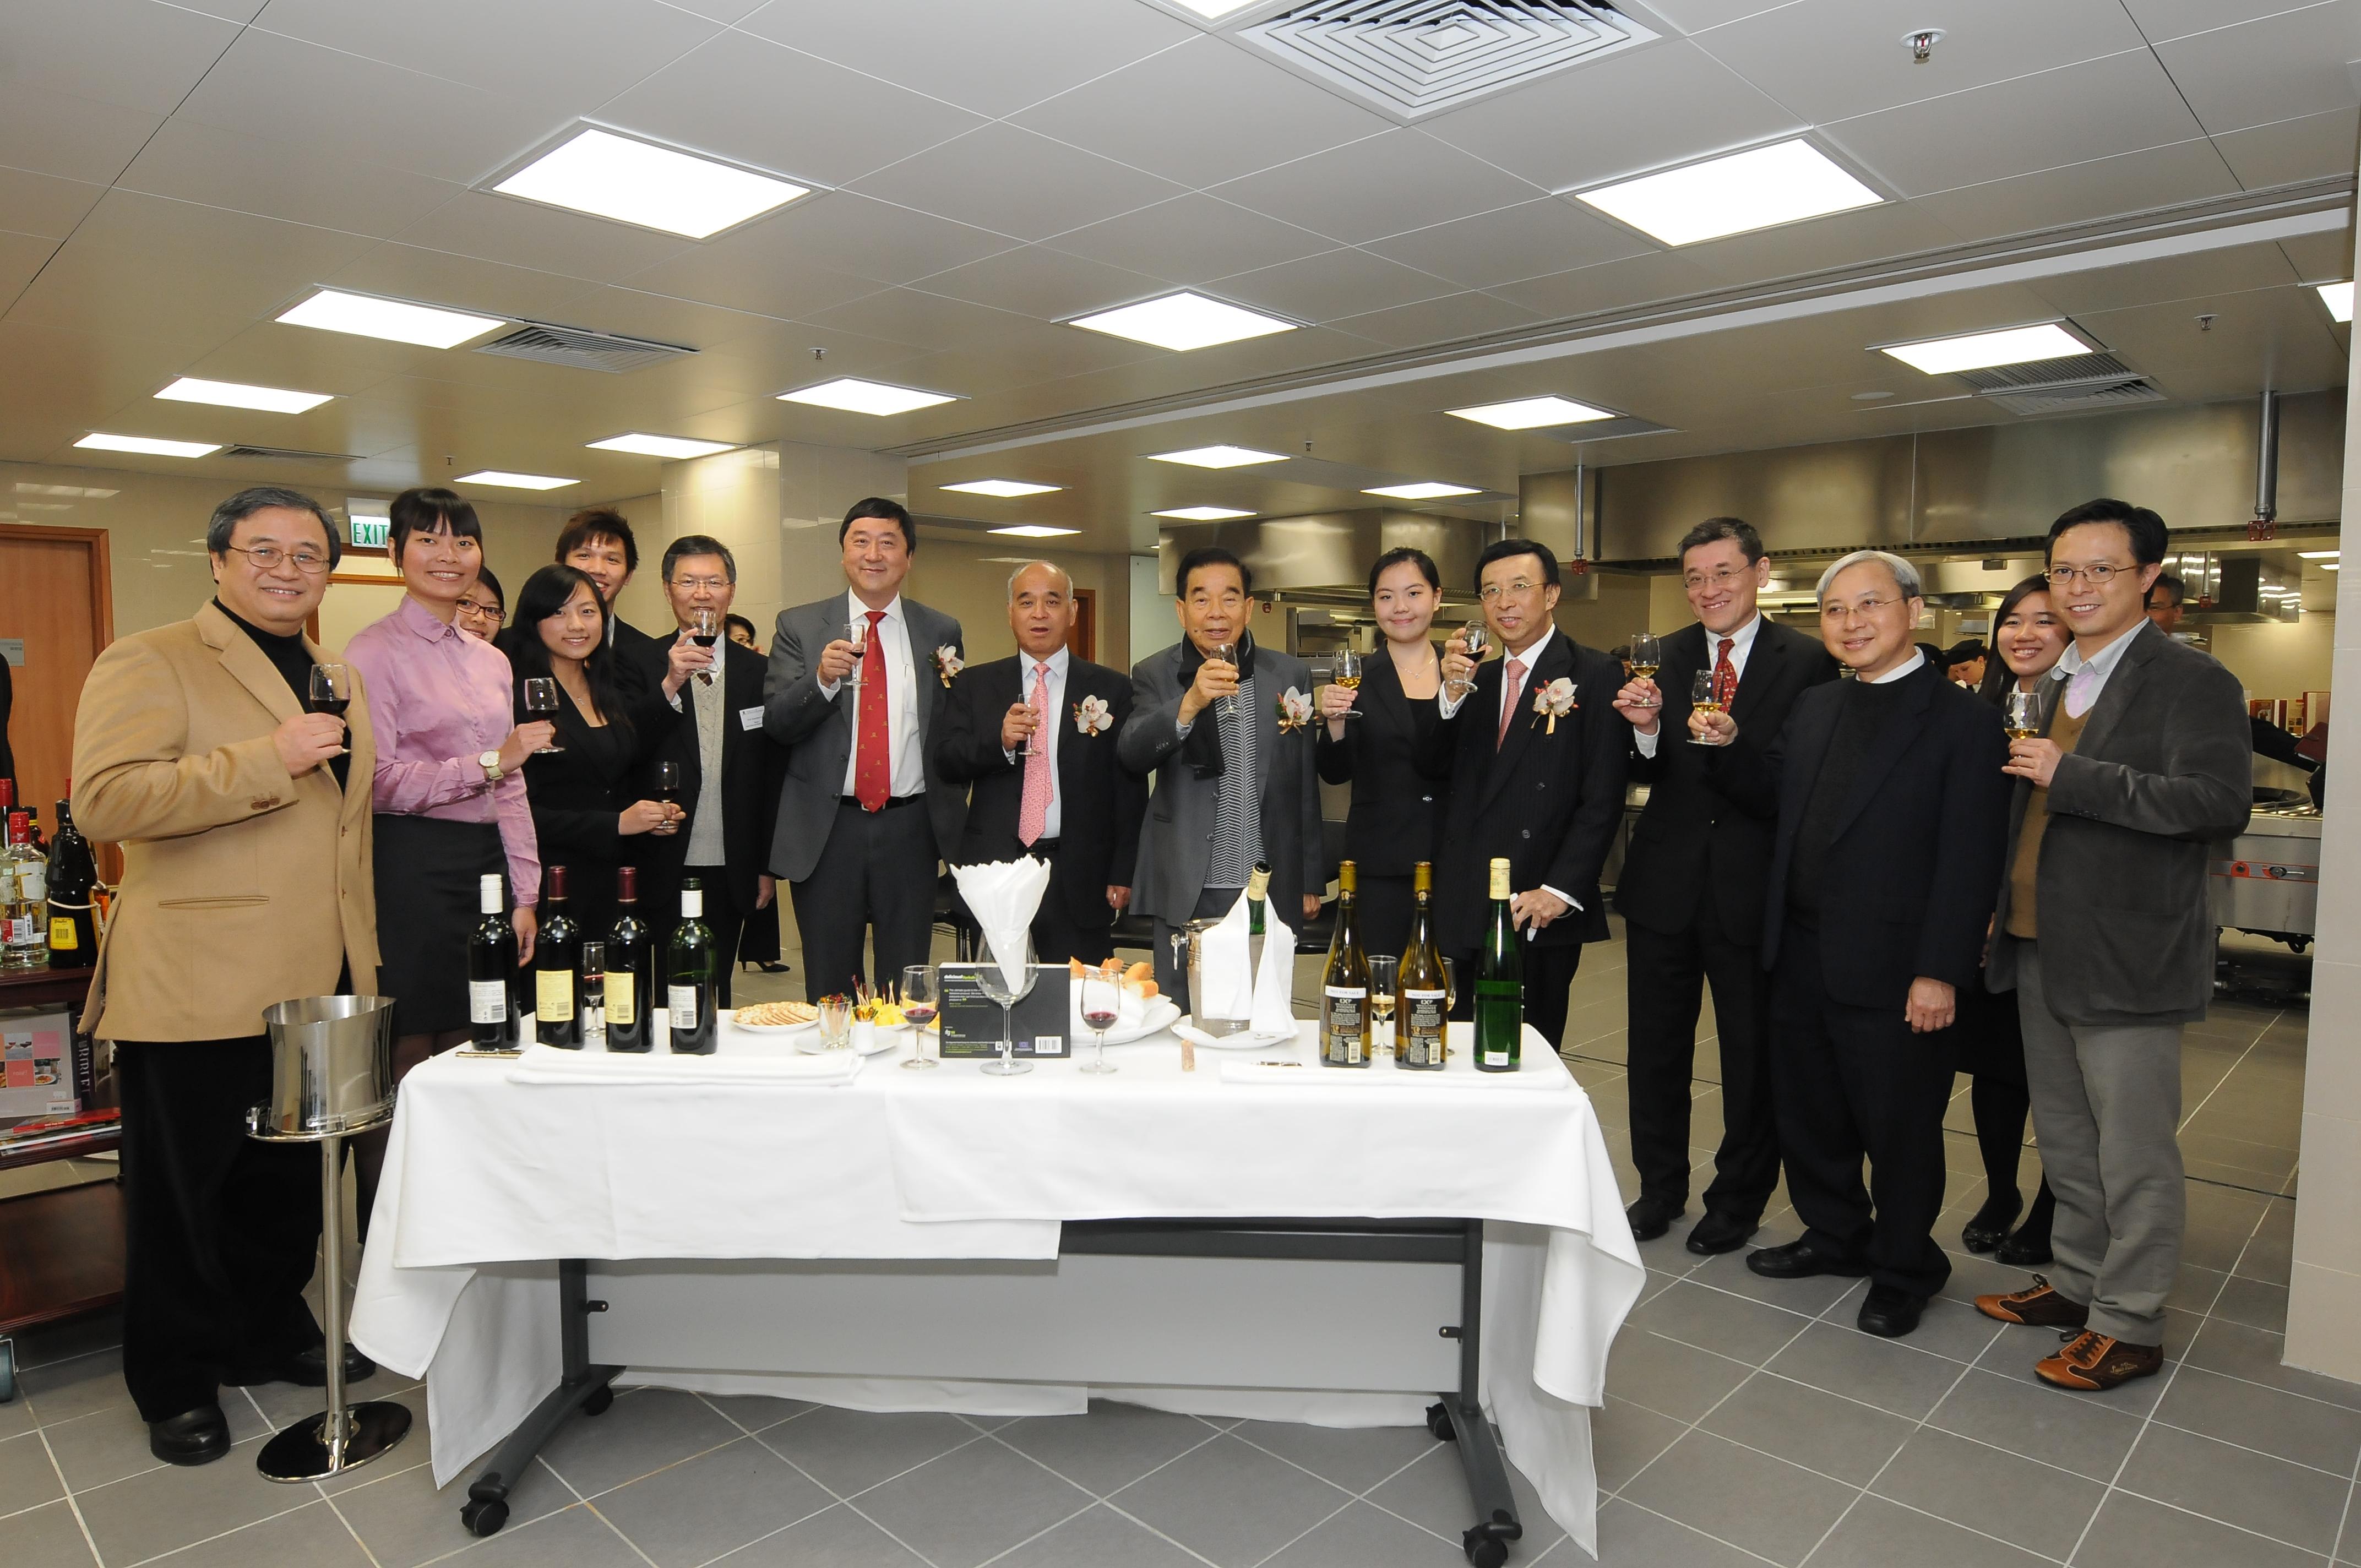 主禮嘉賓參觀設備優良的示範廚房及品酒實驗室